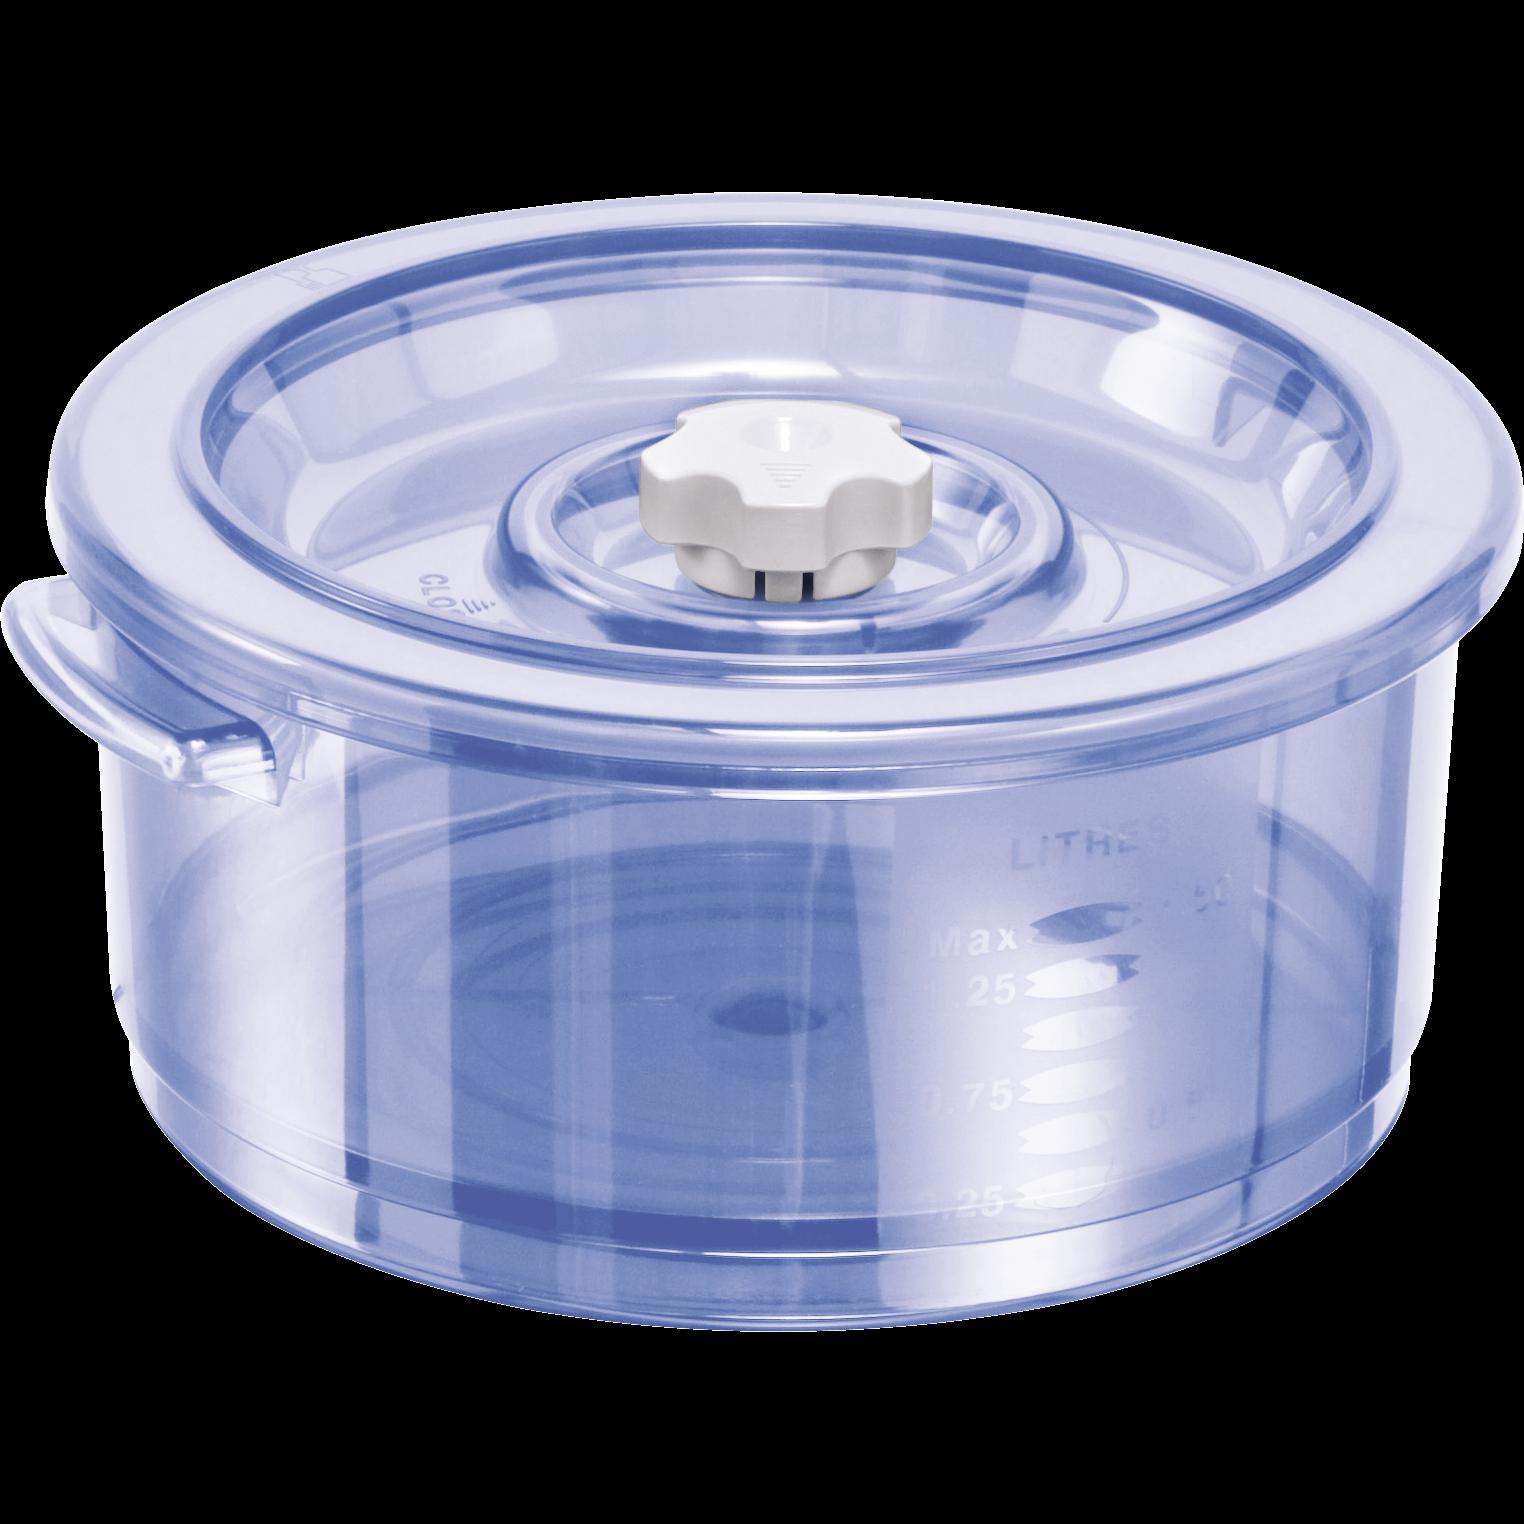 Dampfgarbehälter für die Mikrowelle (rund, 1,5 l